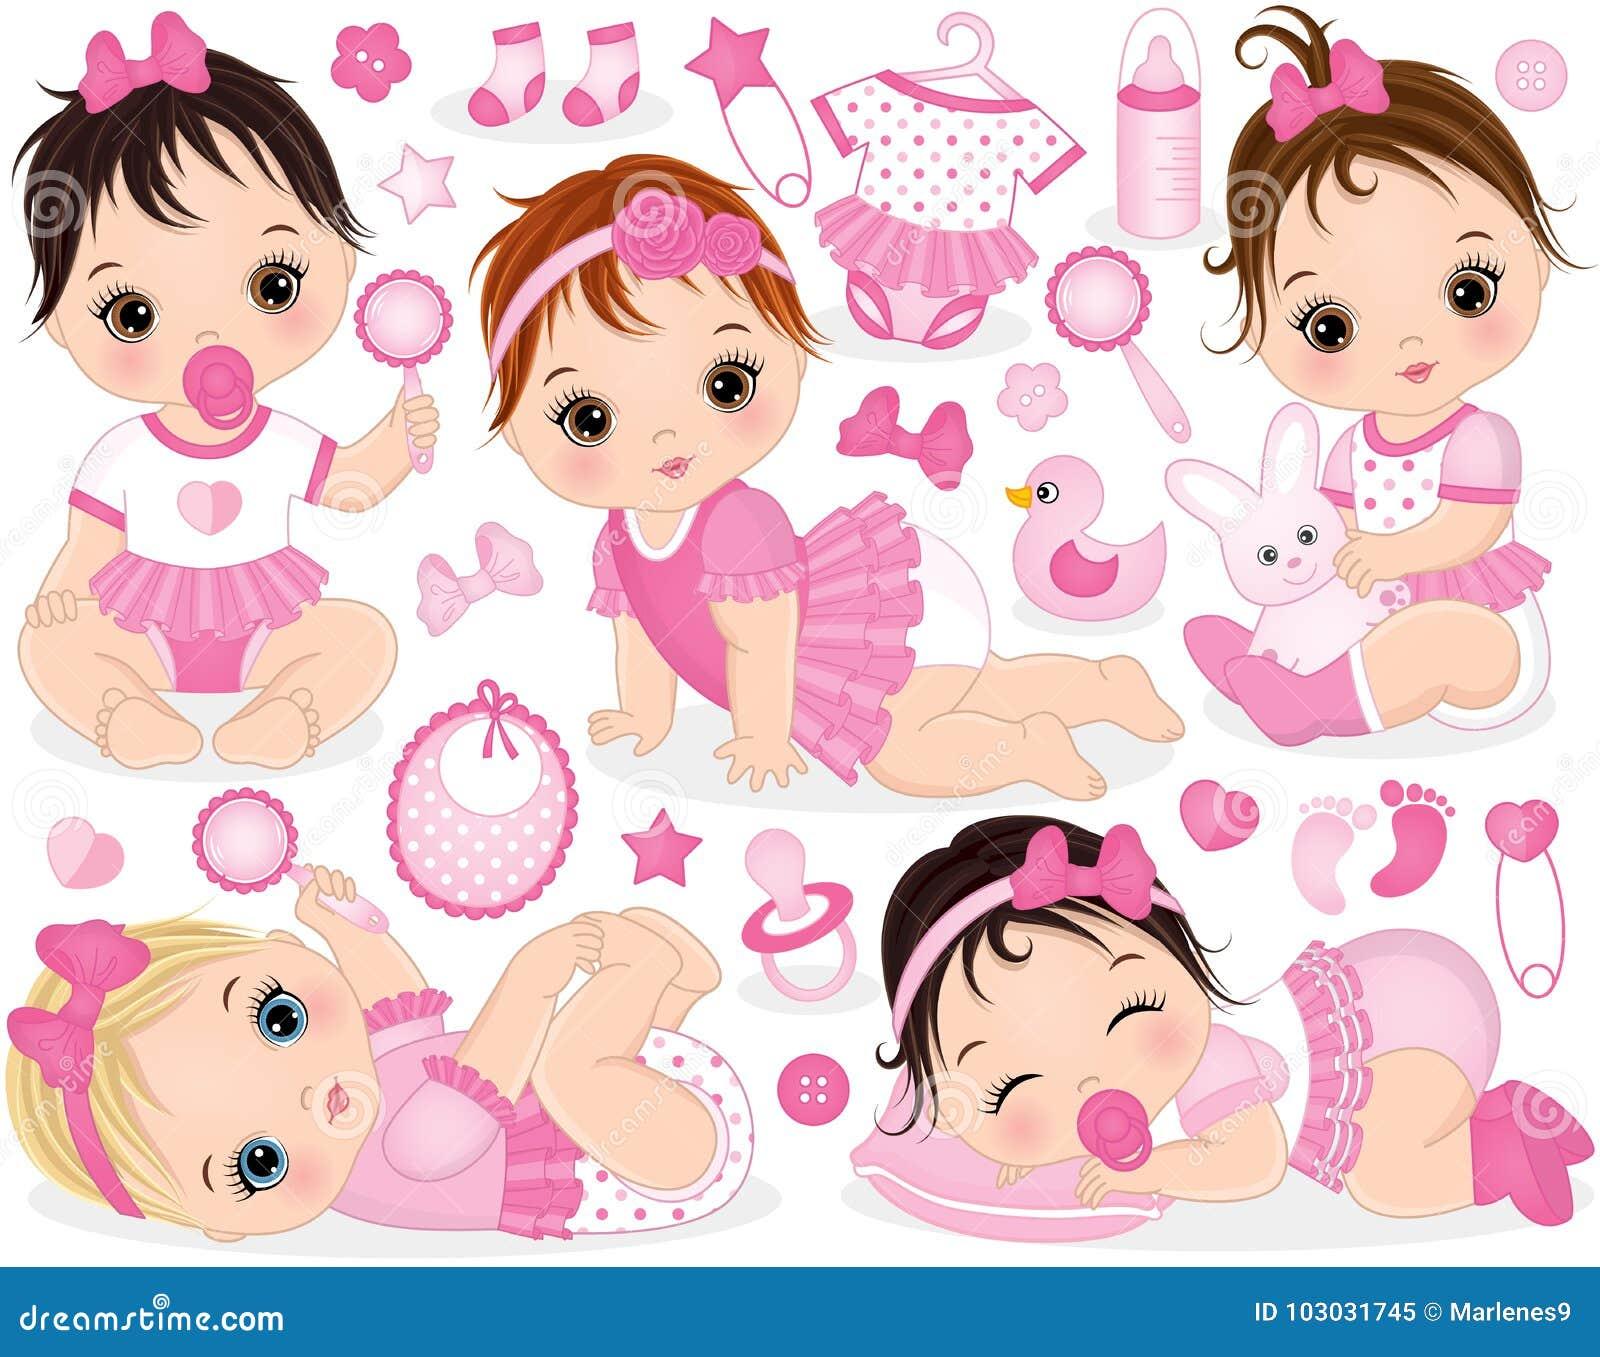 Vetor ajustado com bebês bonitos, brinquedos e acessórios